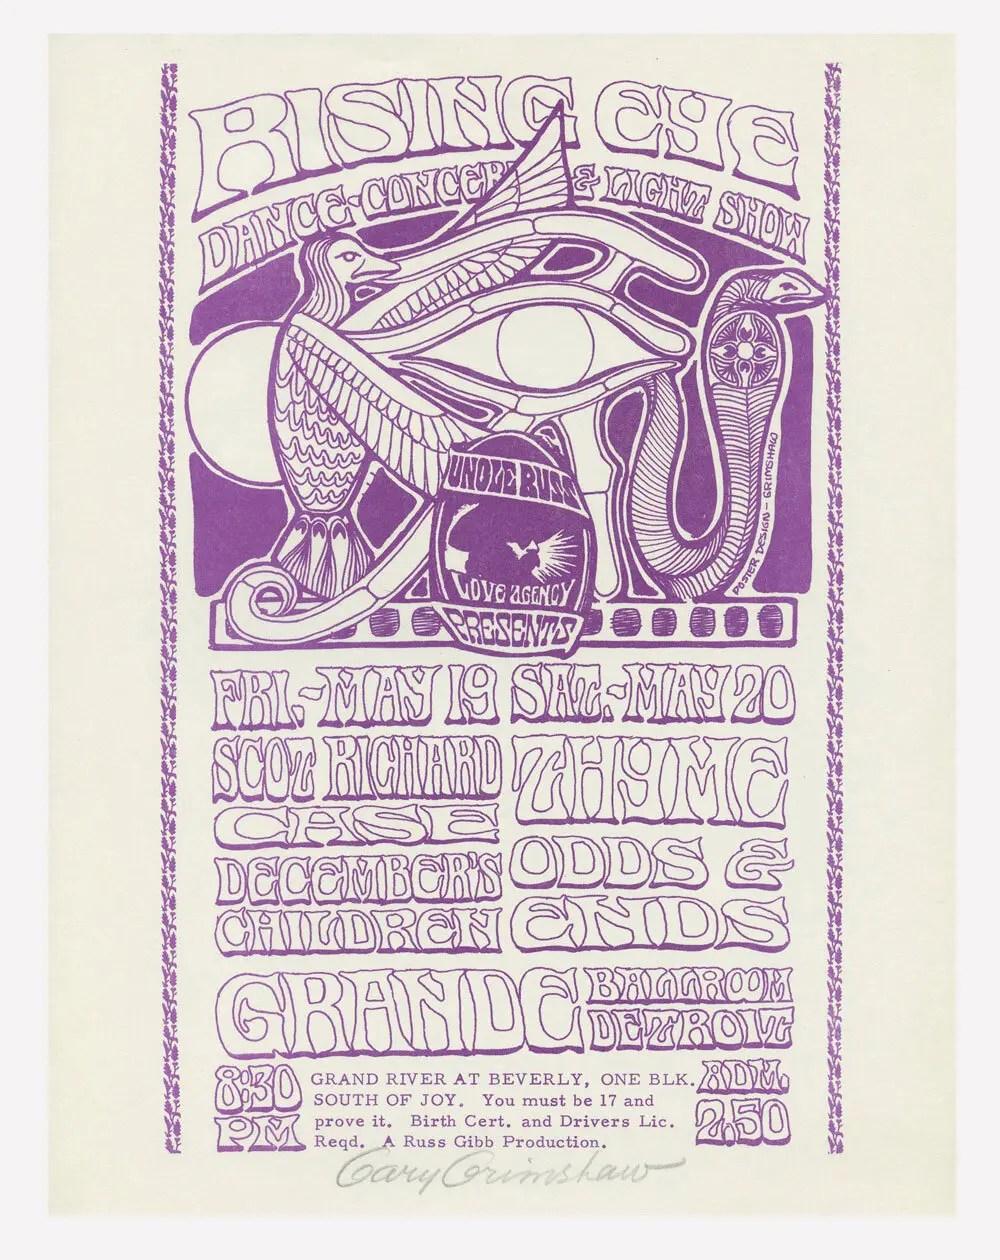 Grande Ballroom Handbill 1967 May 19 Gary Grimshaw signed